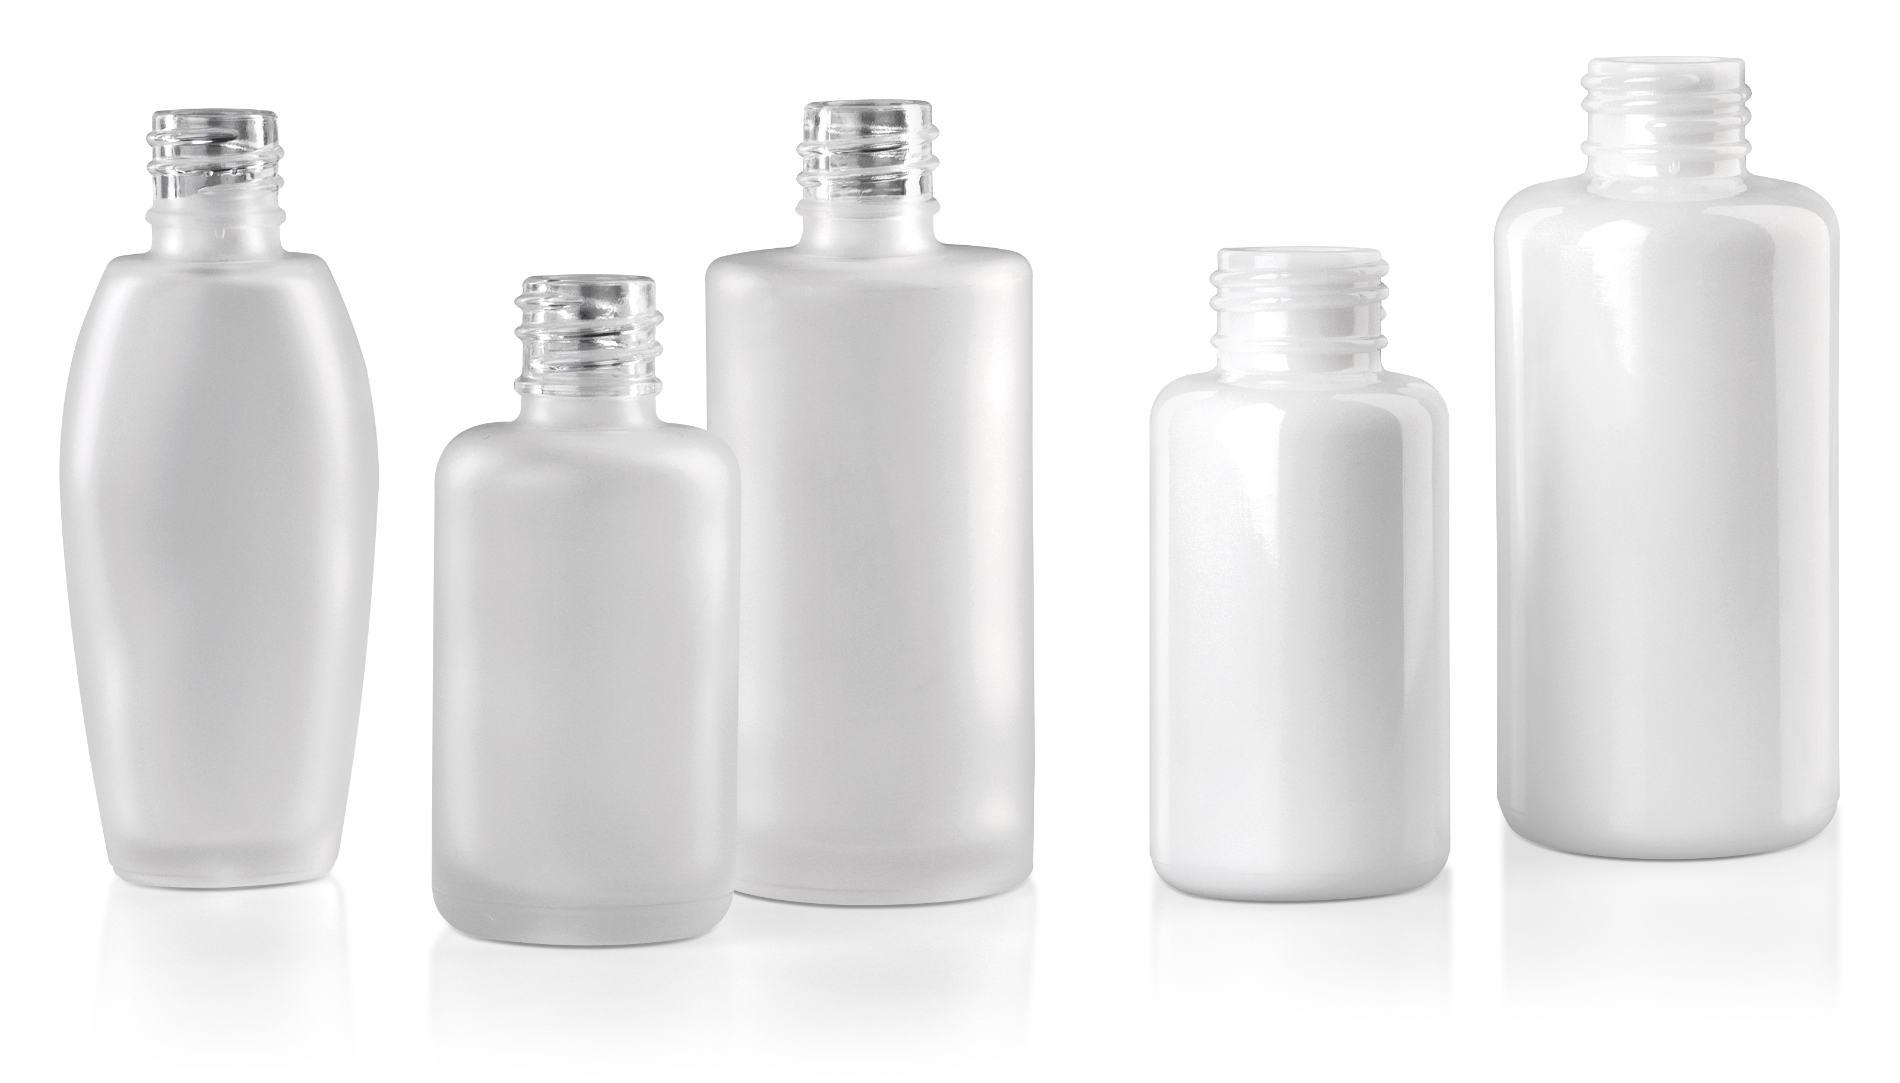 Flacons cosmétiques en verre: verre moulé mat et opalin